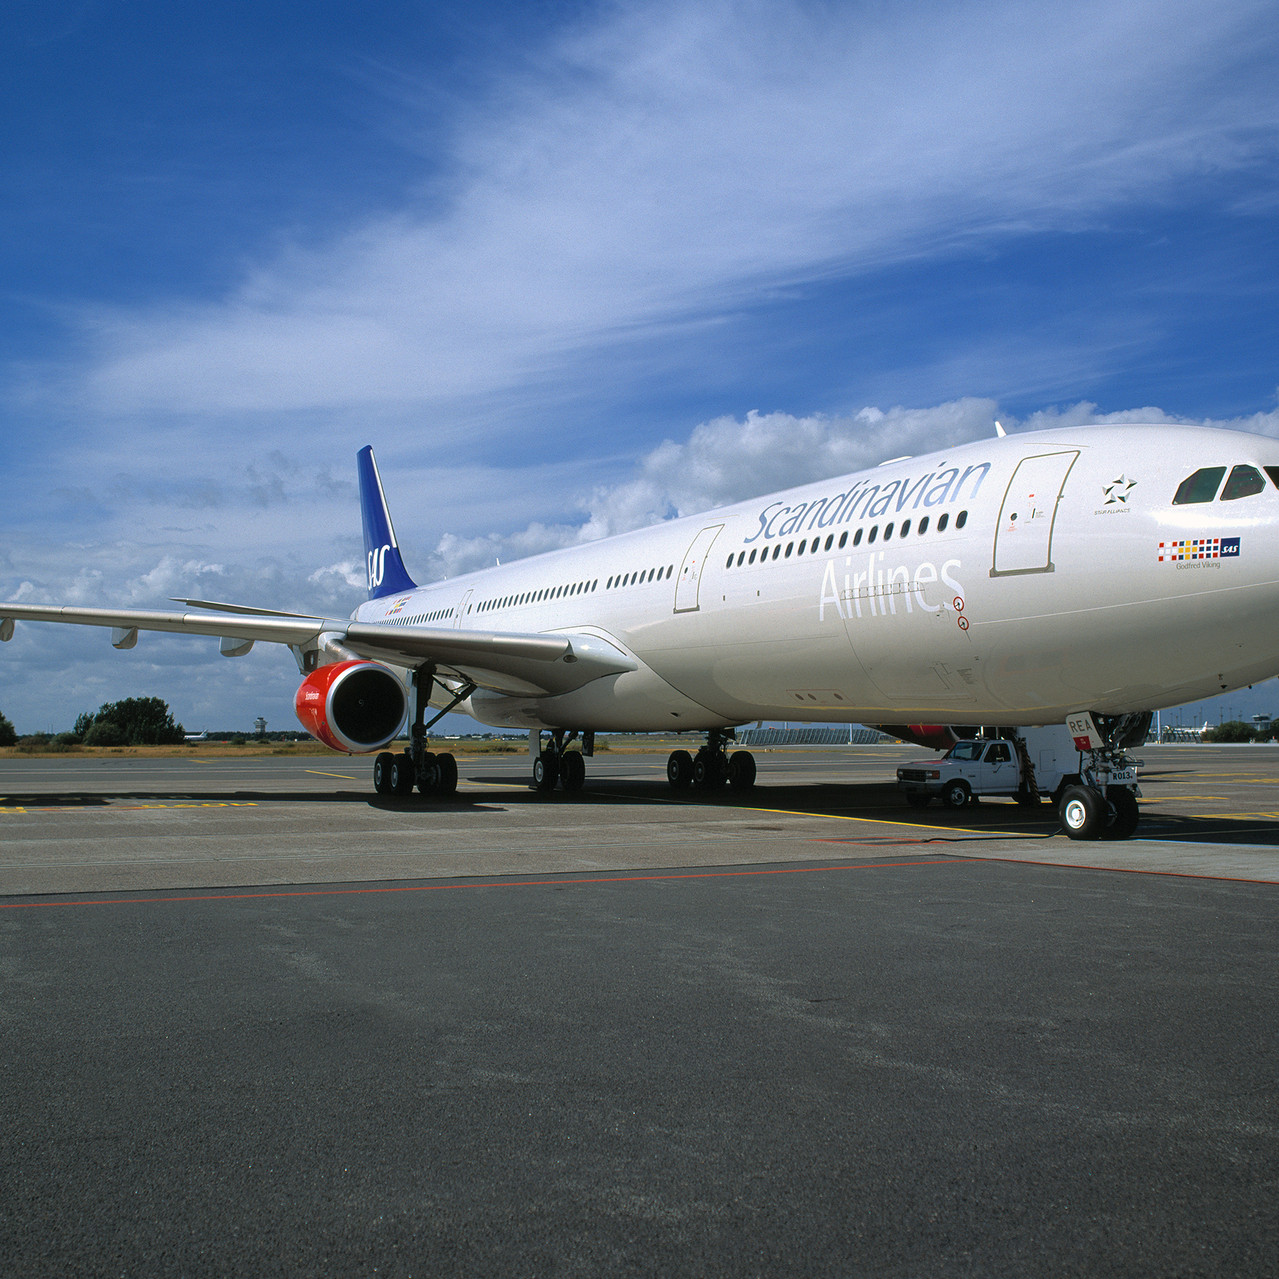 007_A340_image-SAS